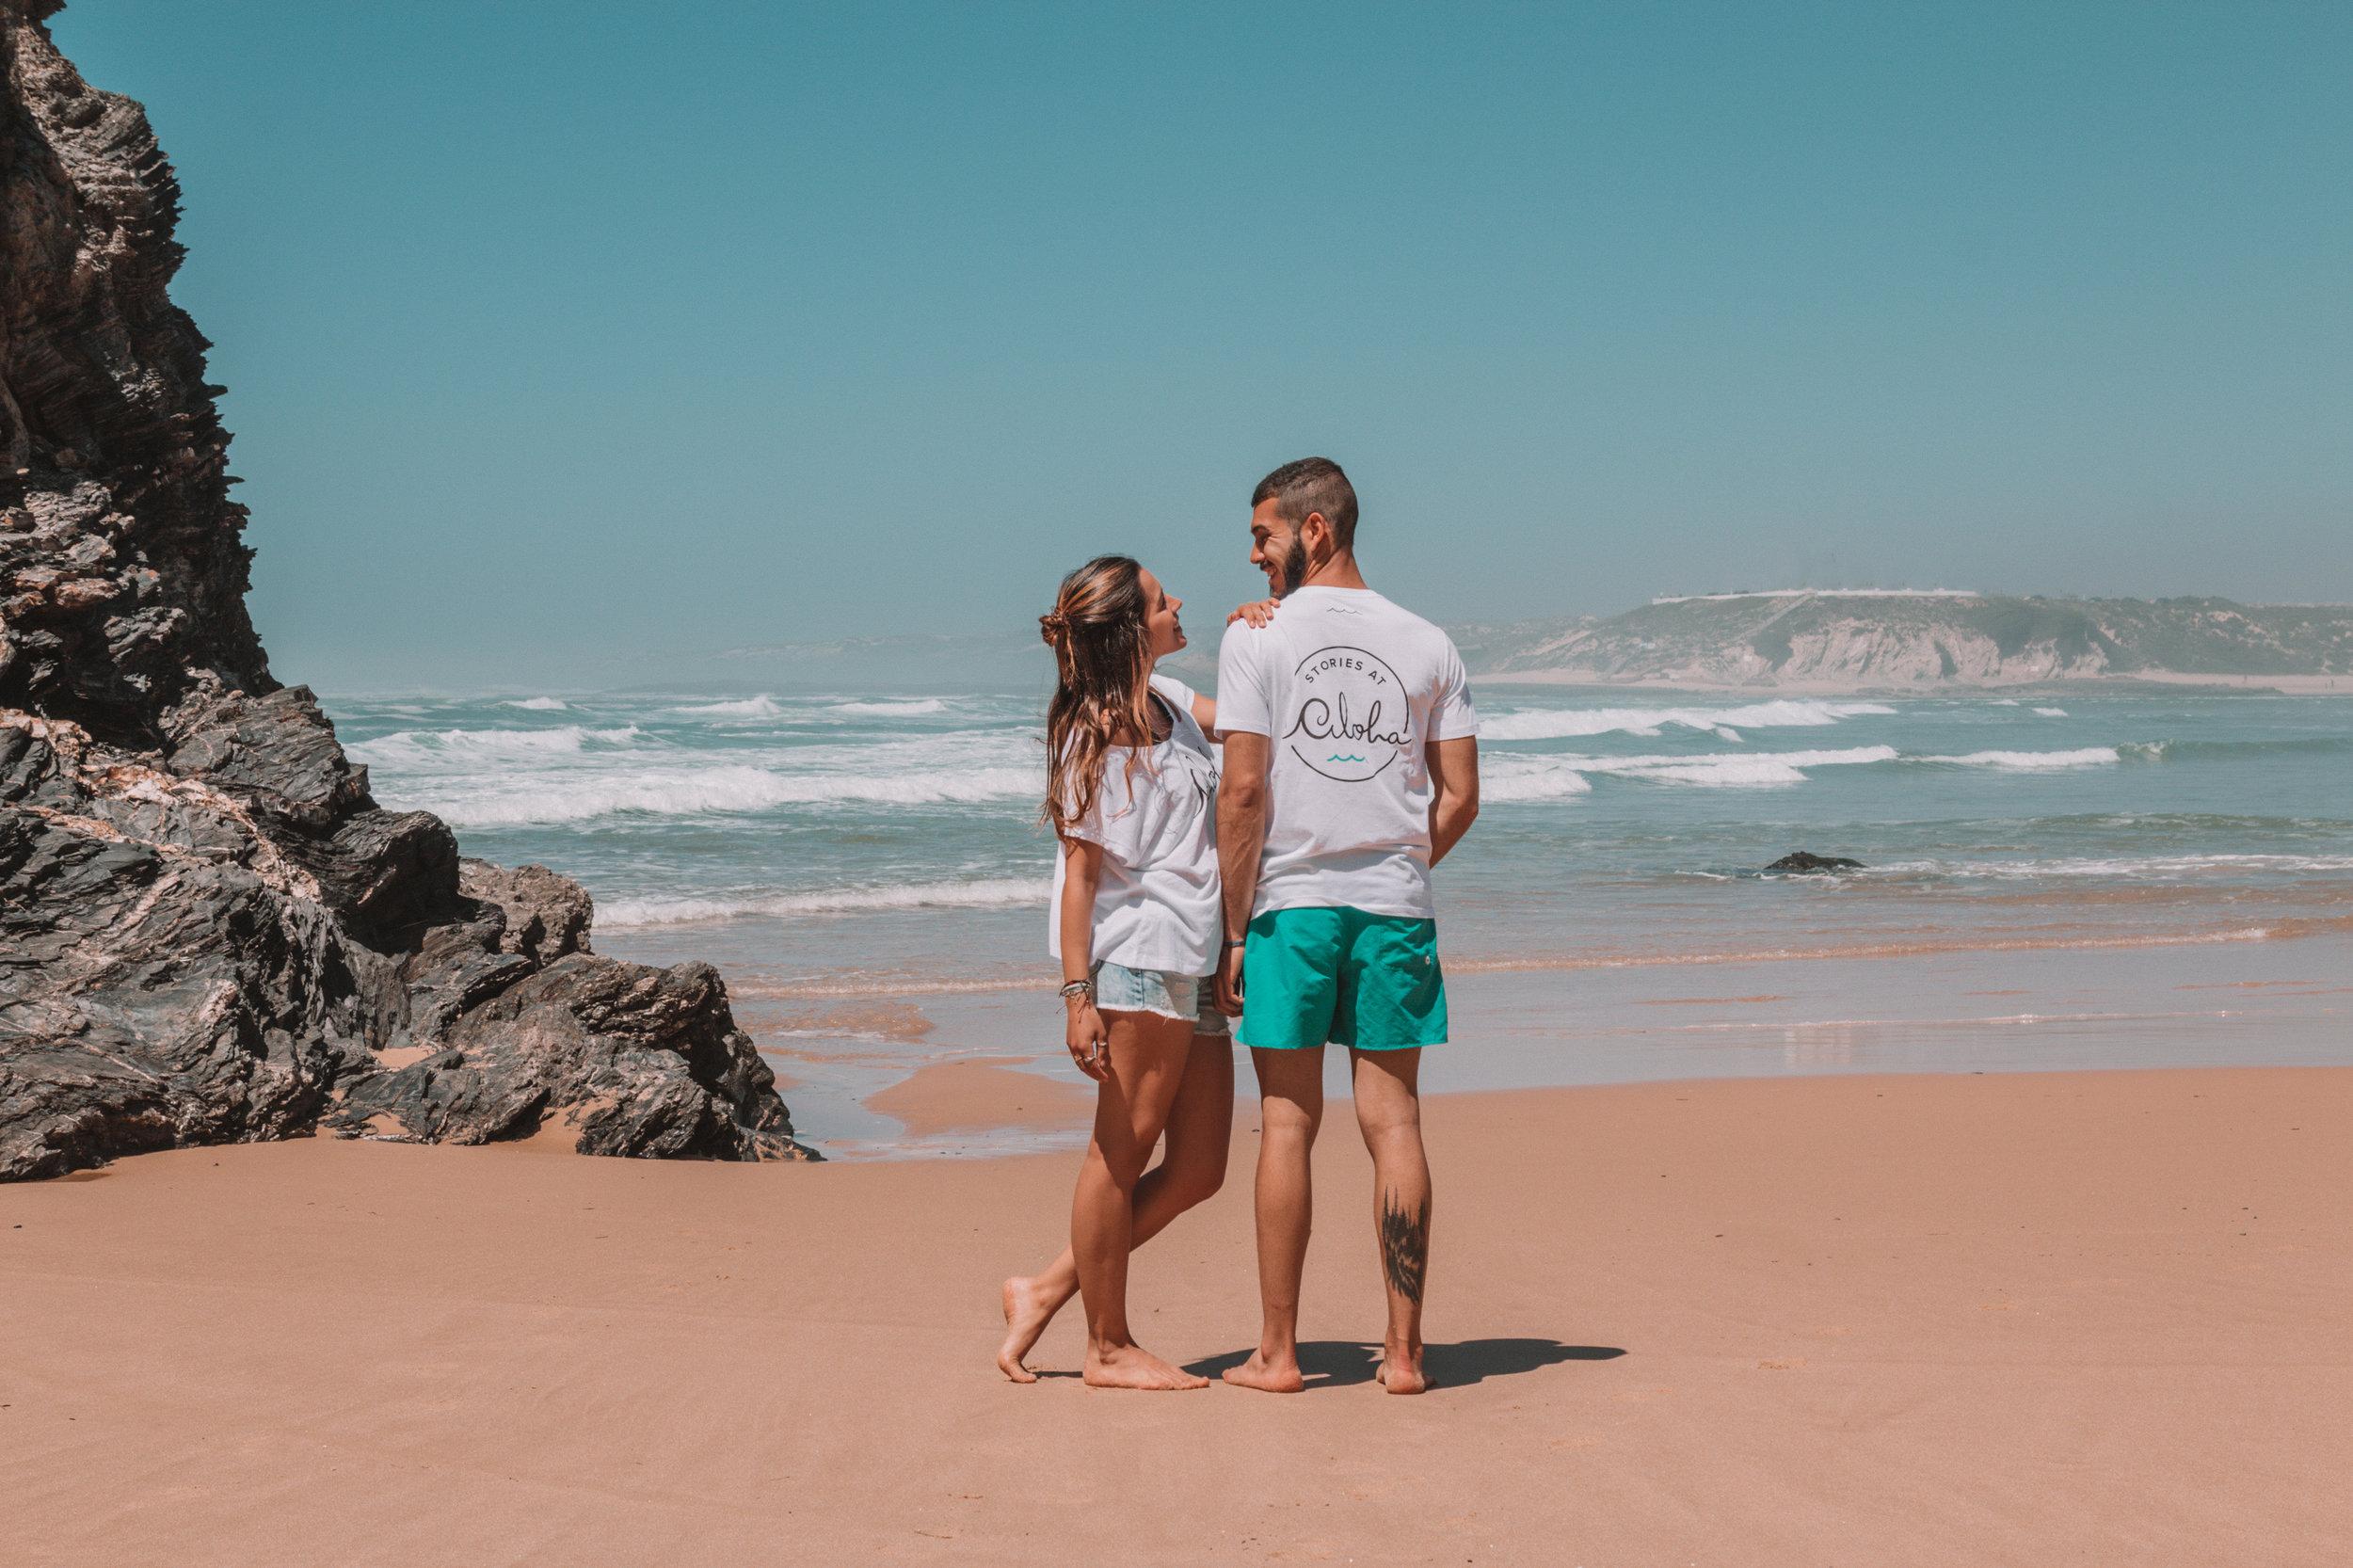 at aloha x freeoversea